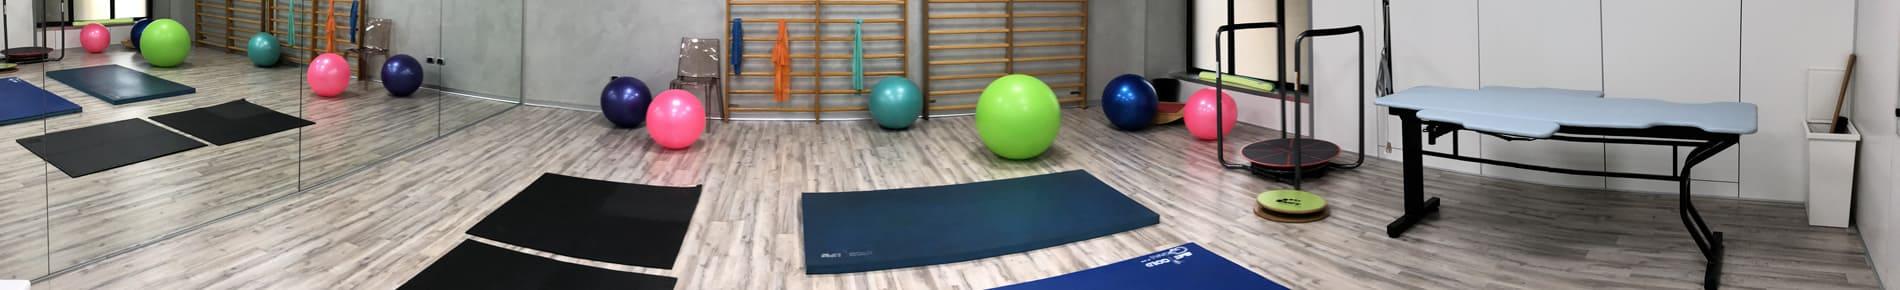 Riabilitazione e rieducazione muscolare